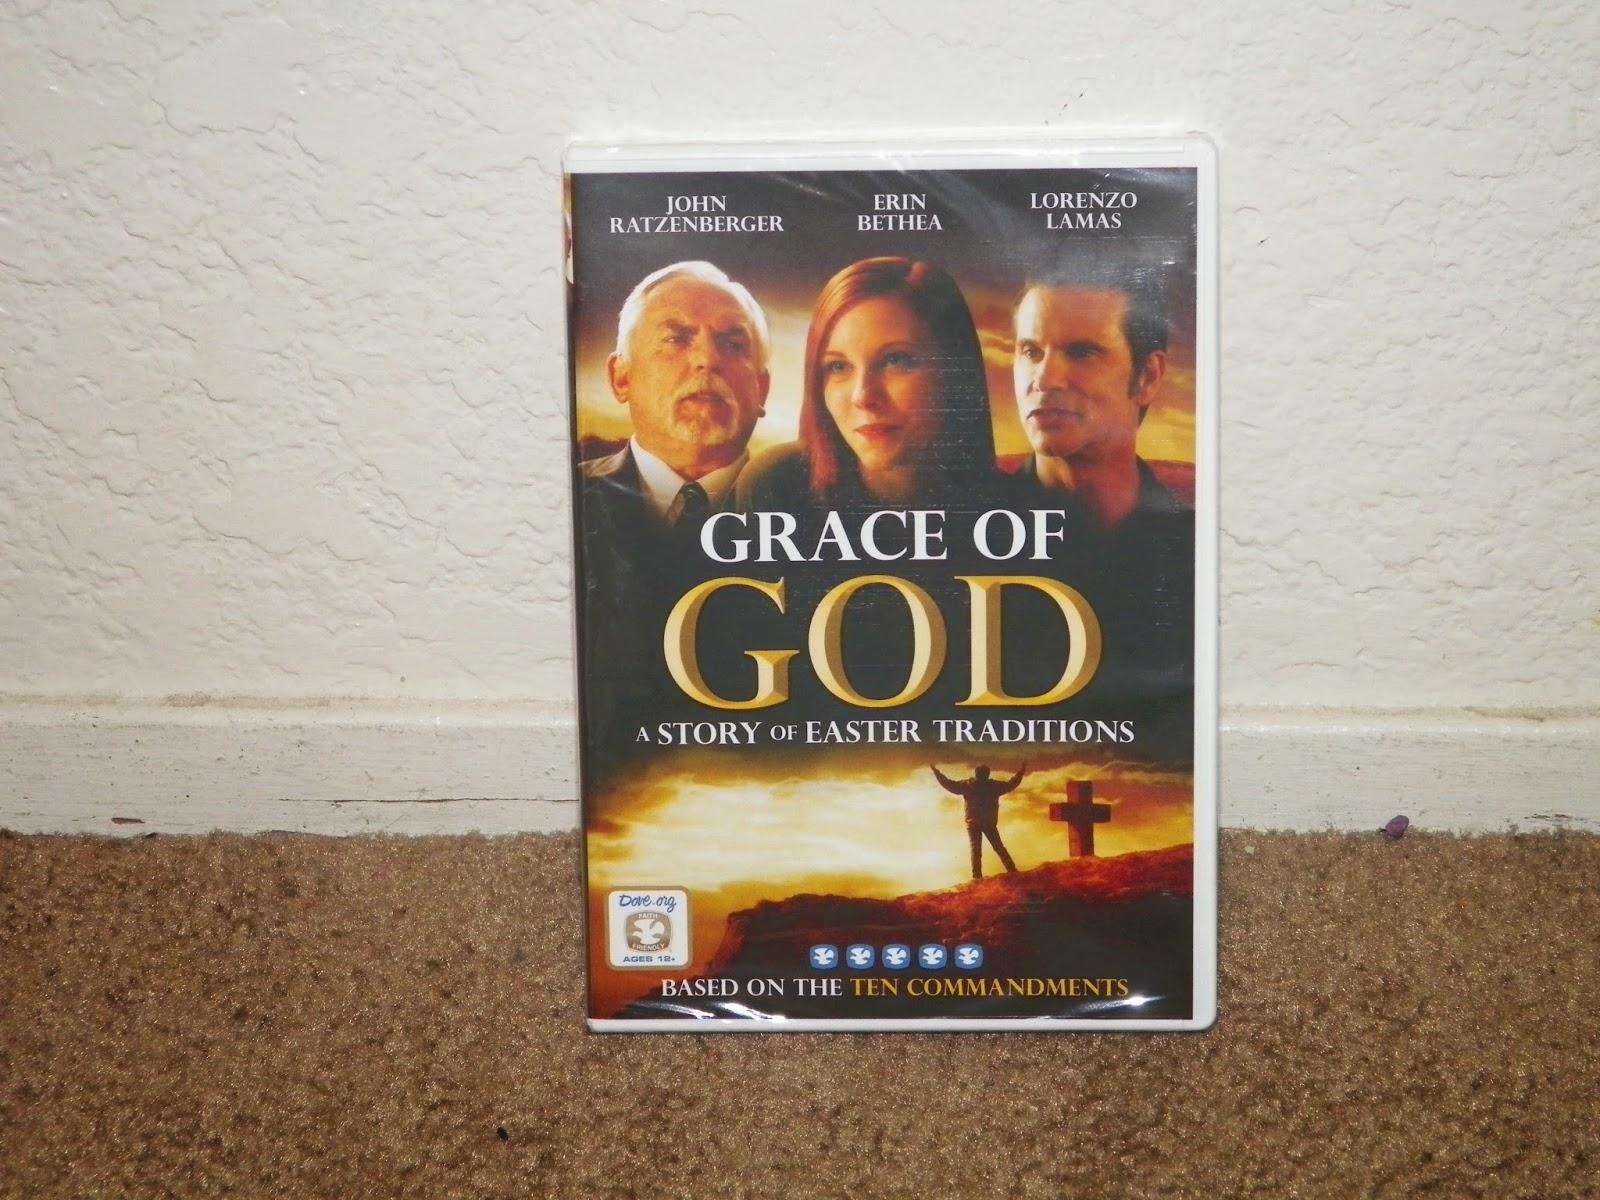 Grace_Of_God_DVD.jpg